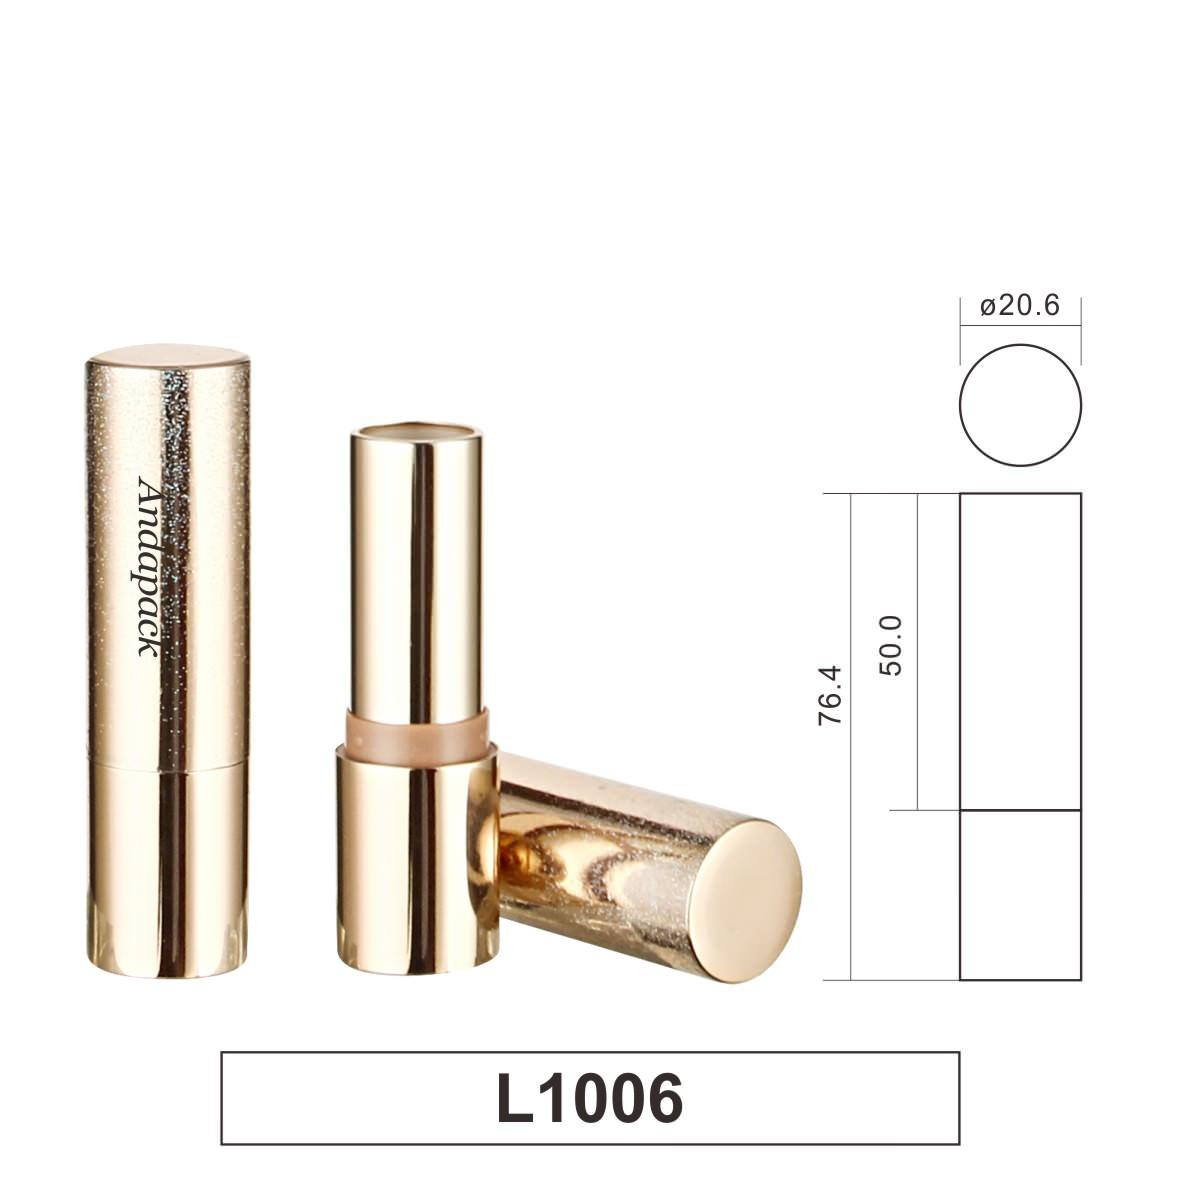 贝博棋牌管 #L006 lipstick tube